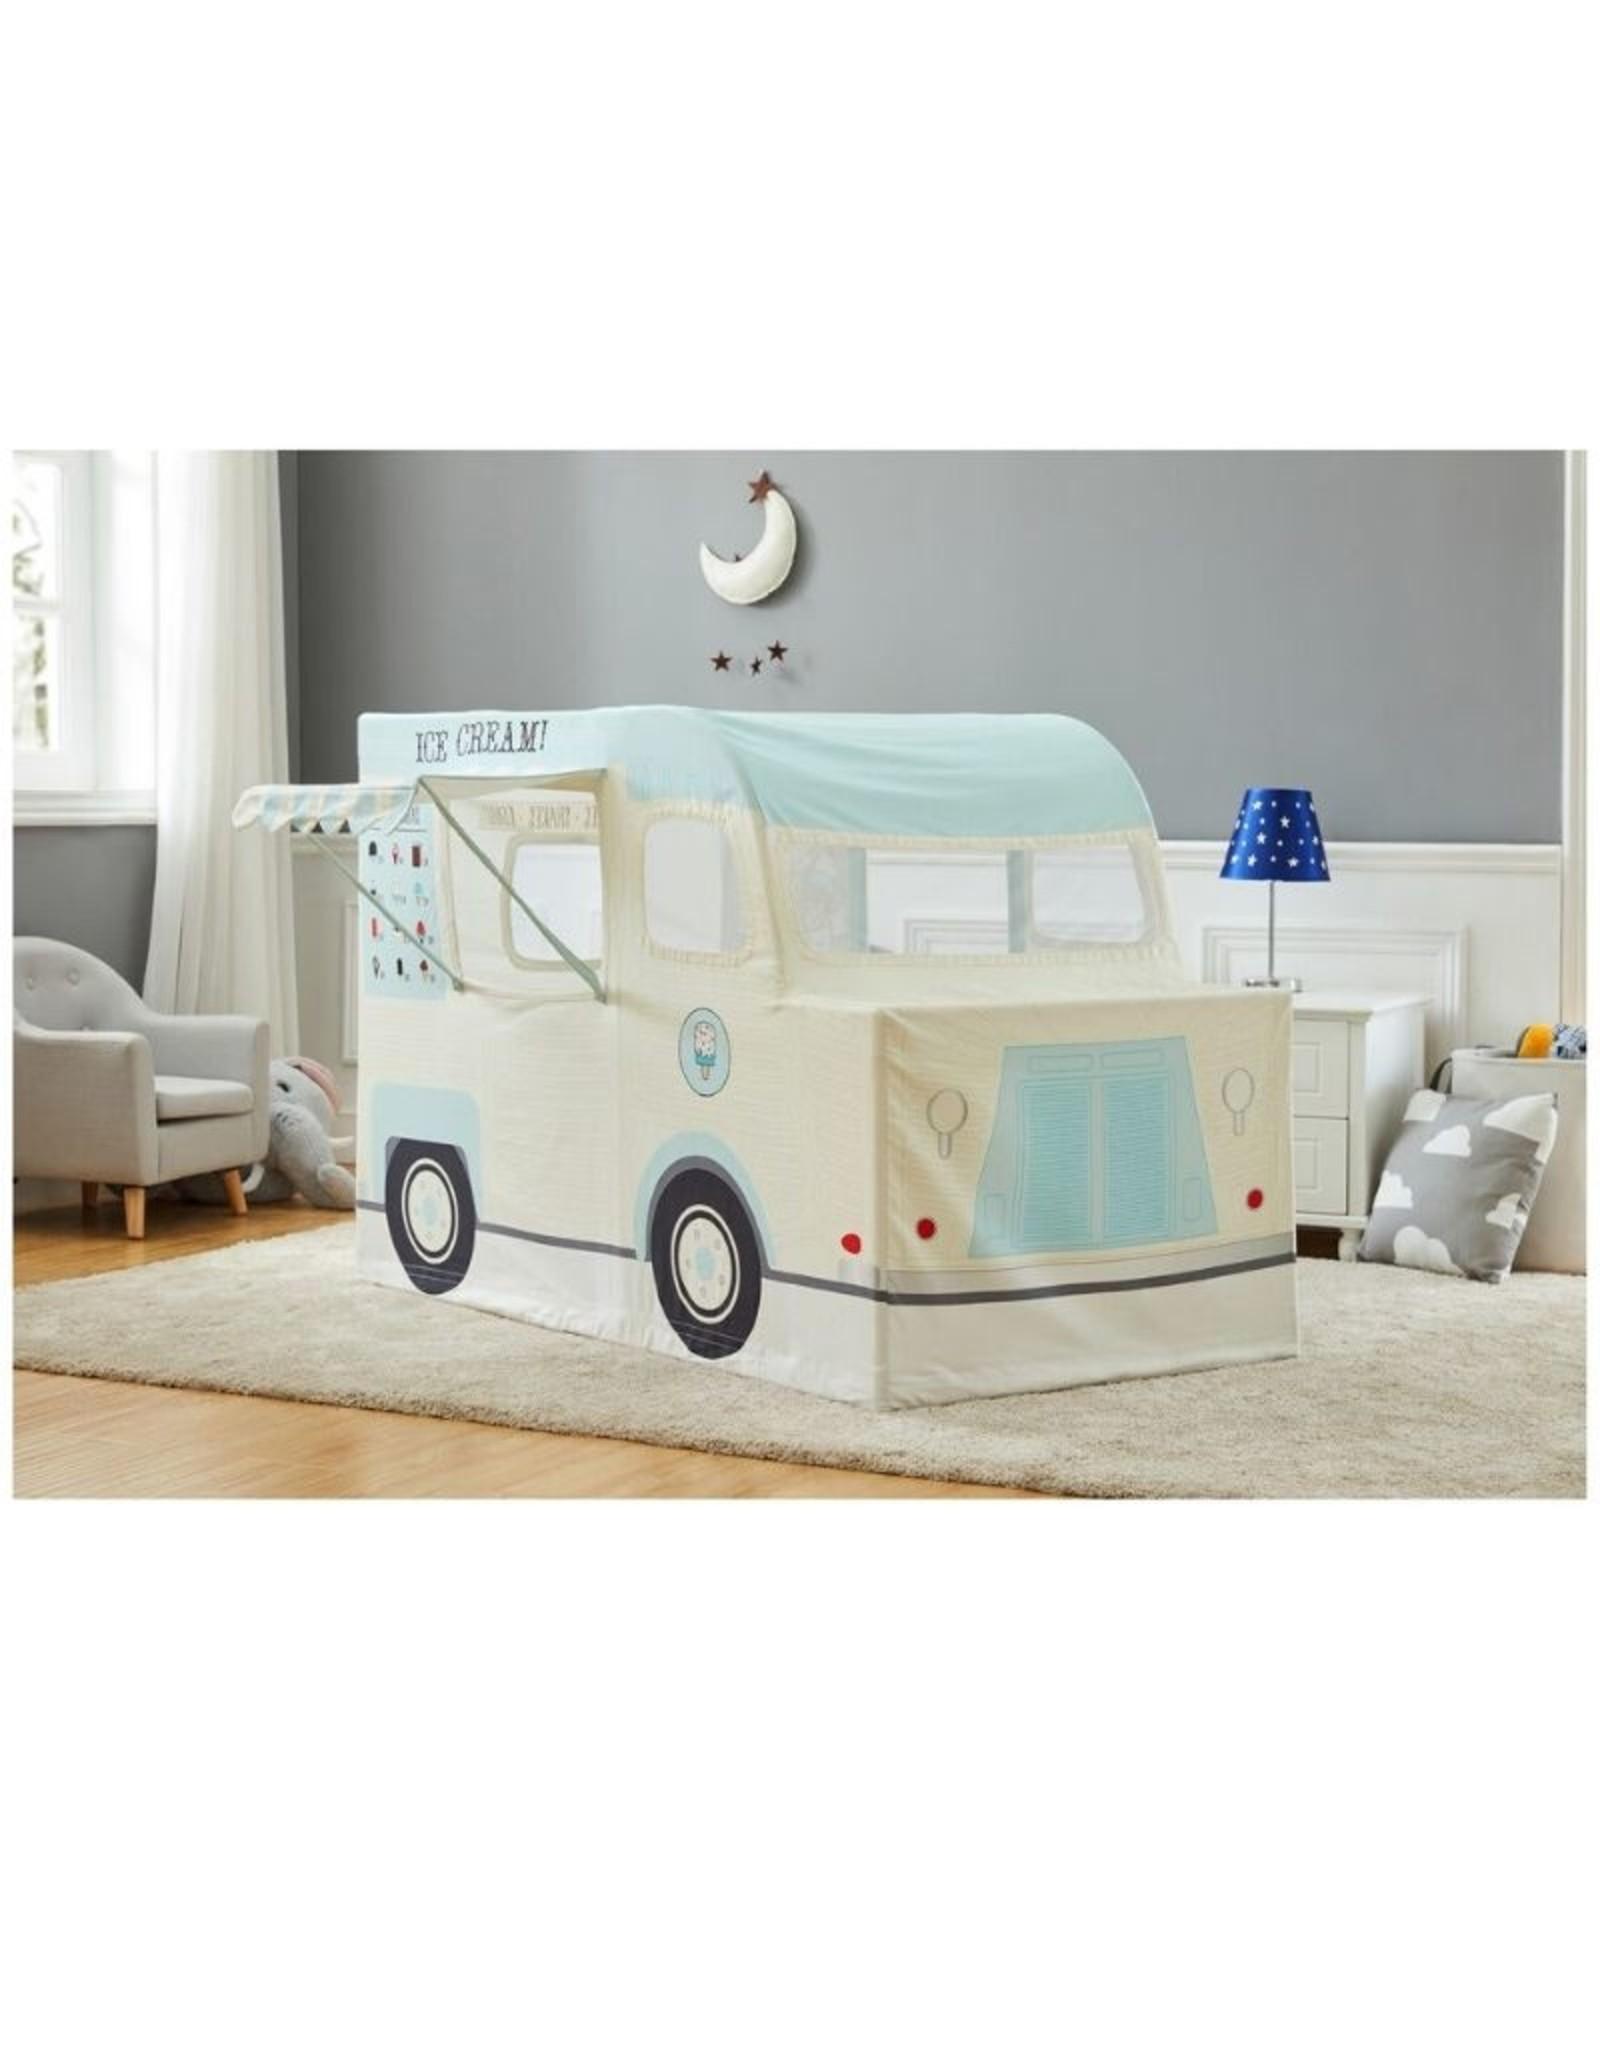 Asweets Ice Cream Truck